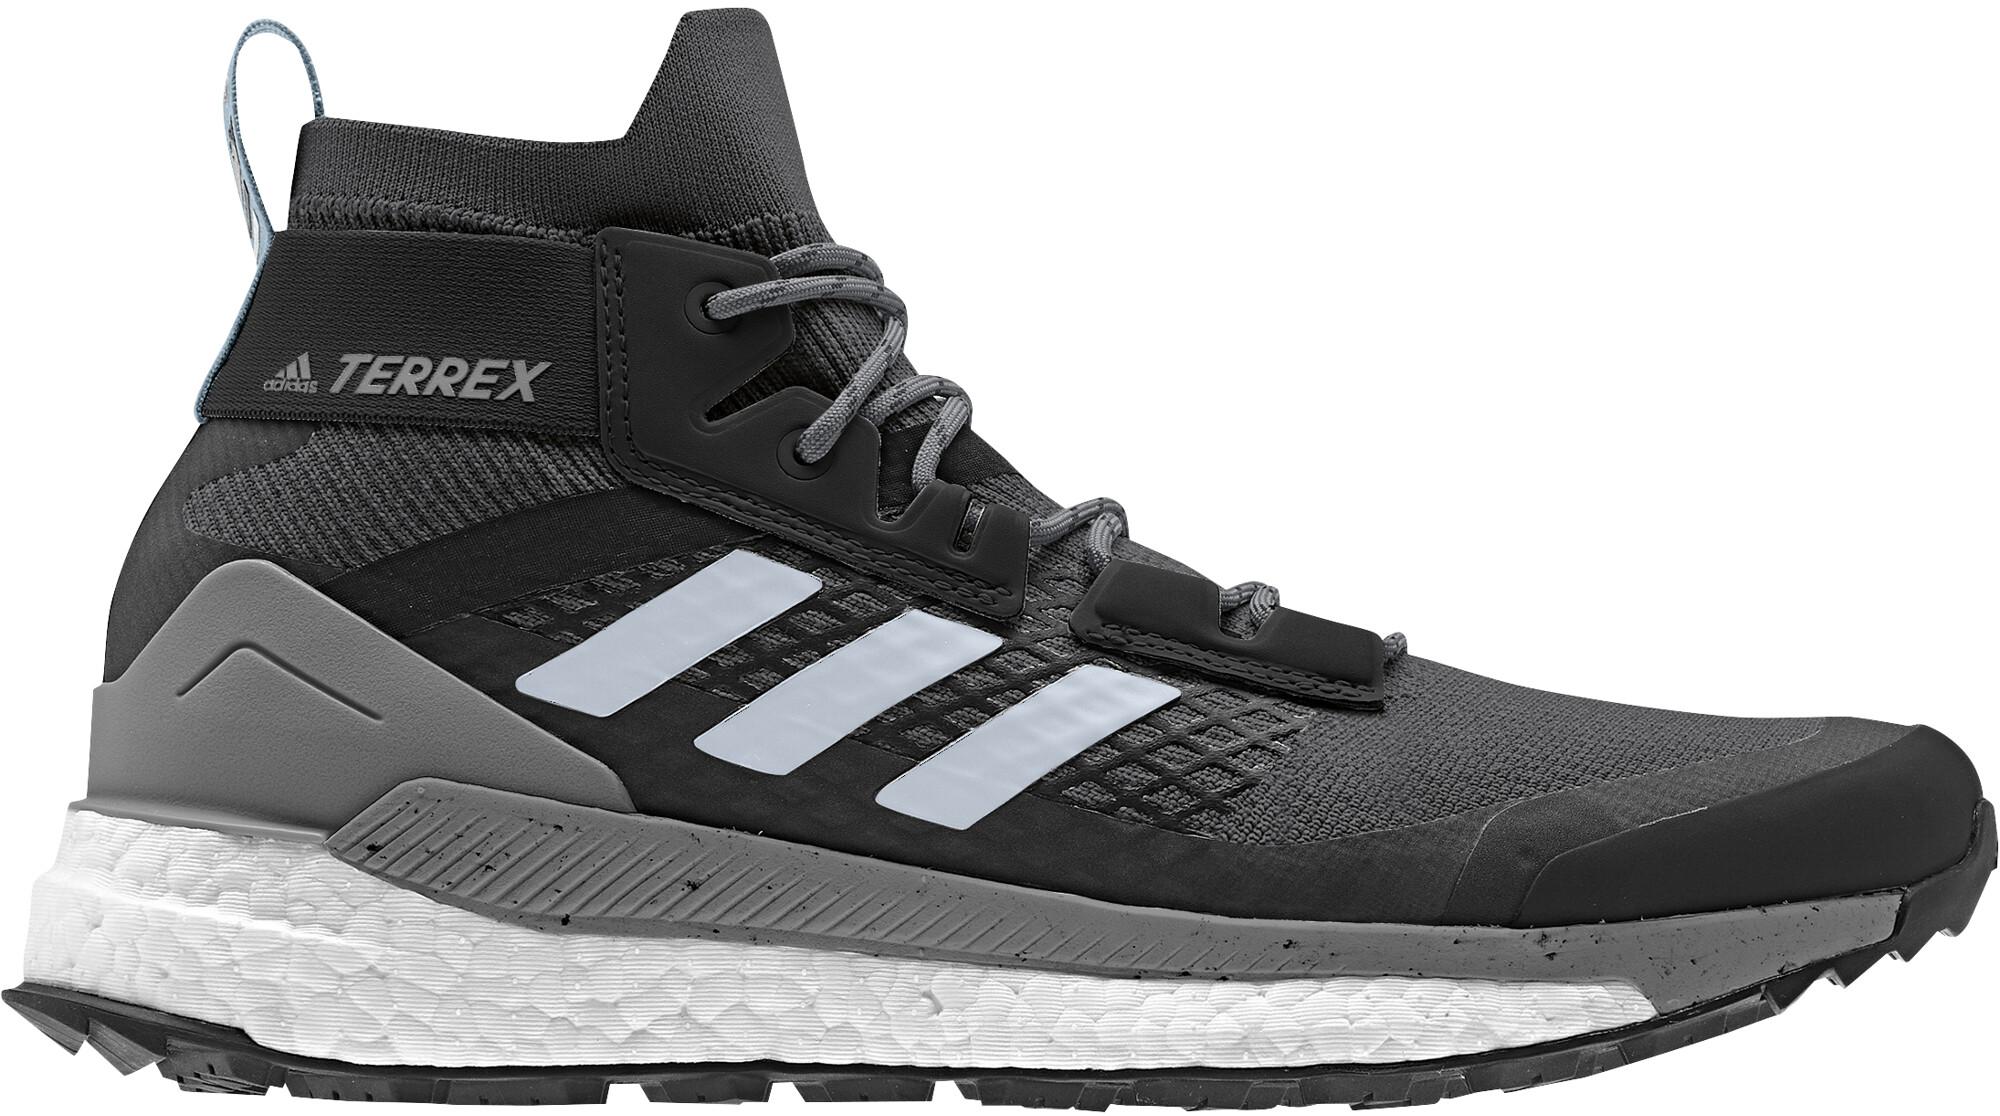 Adidas Wanderschuhe Damen Test 2020 • Alle Top Produkte am